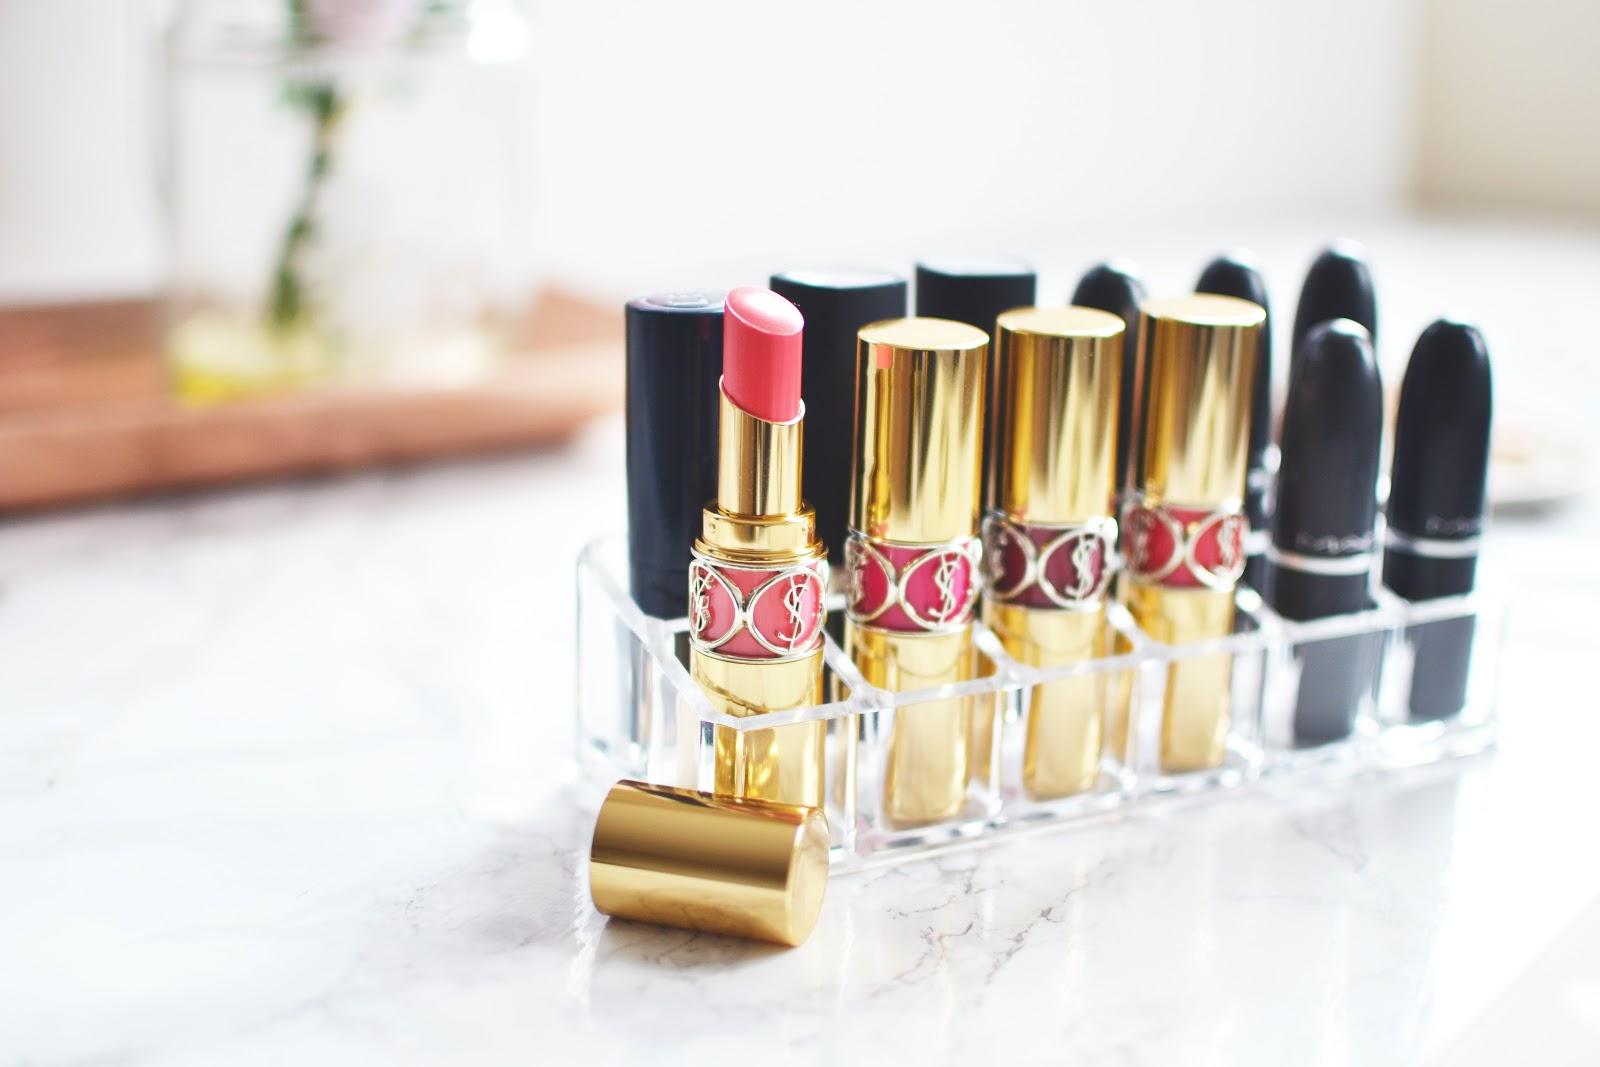 perspex lipstick storage